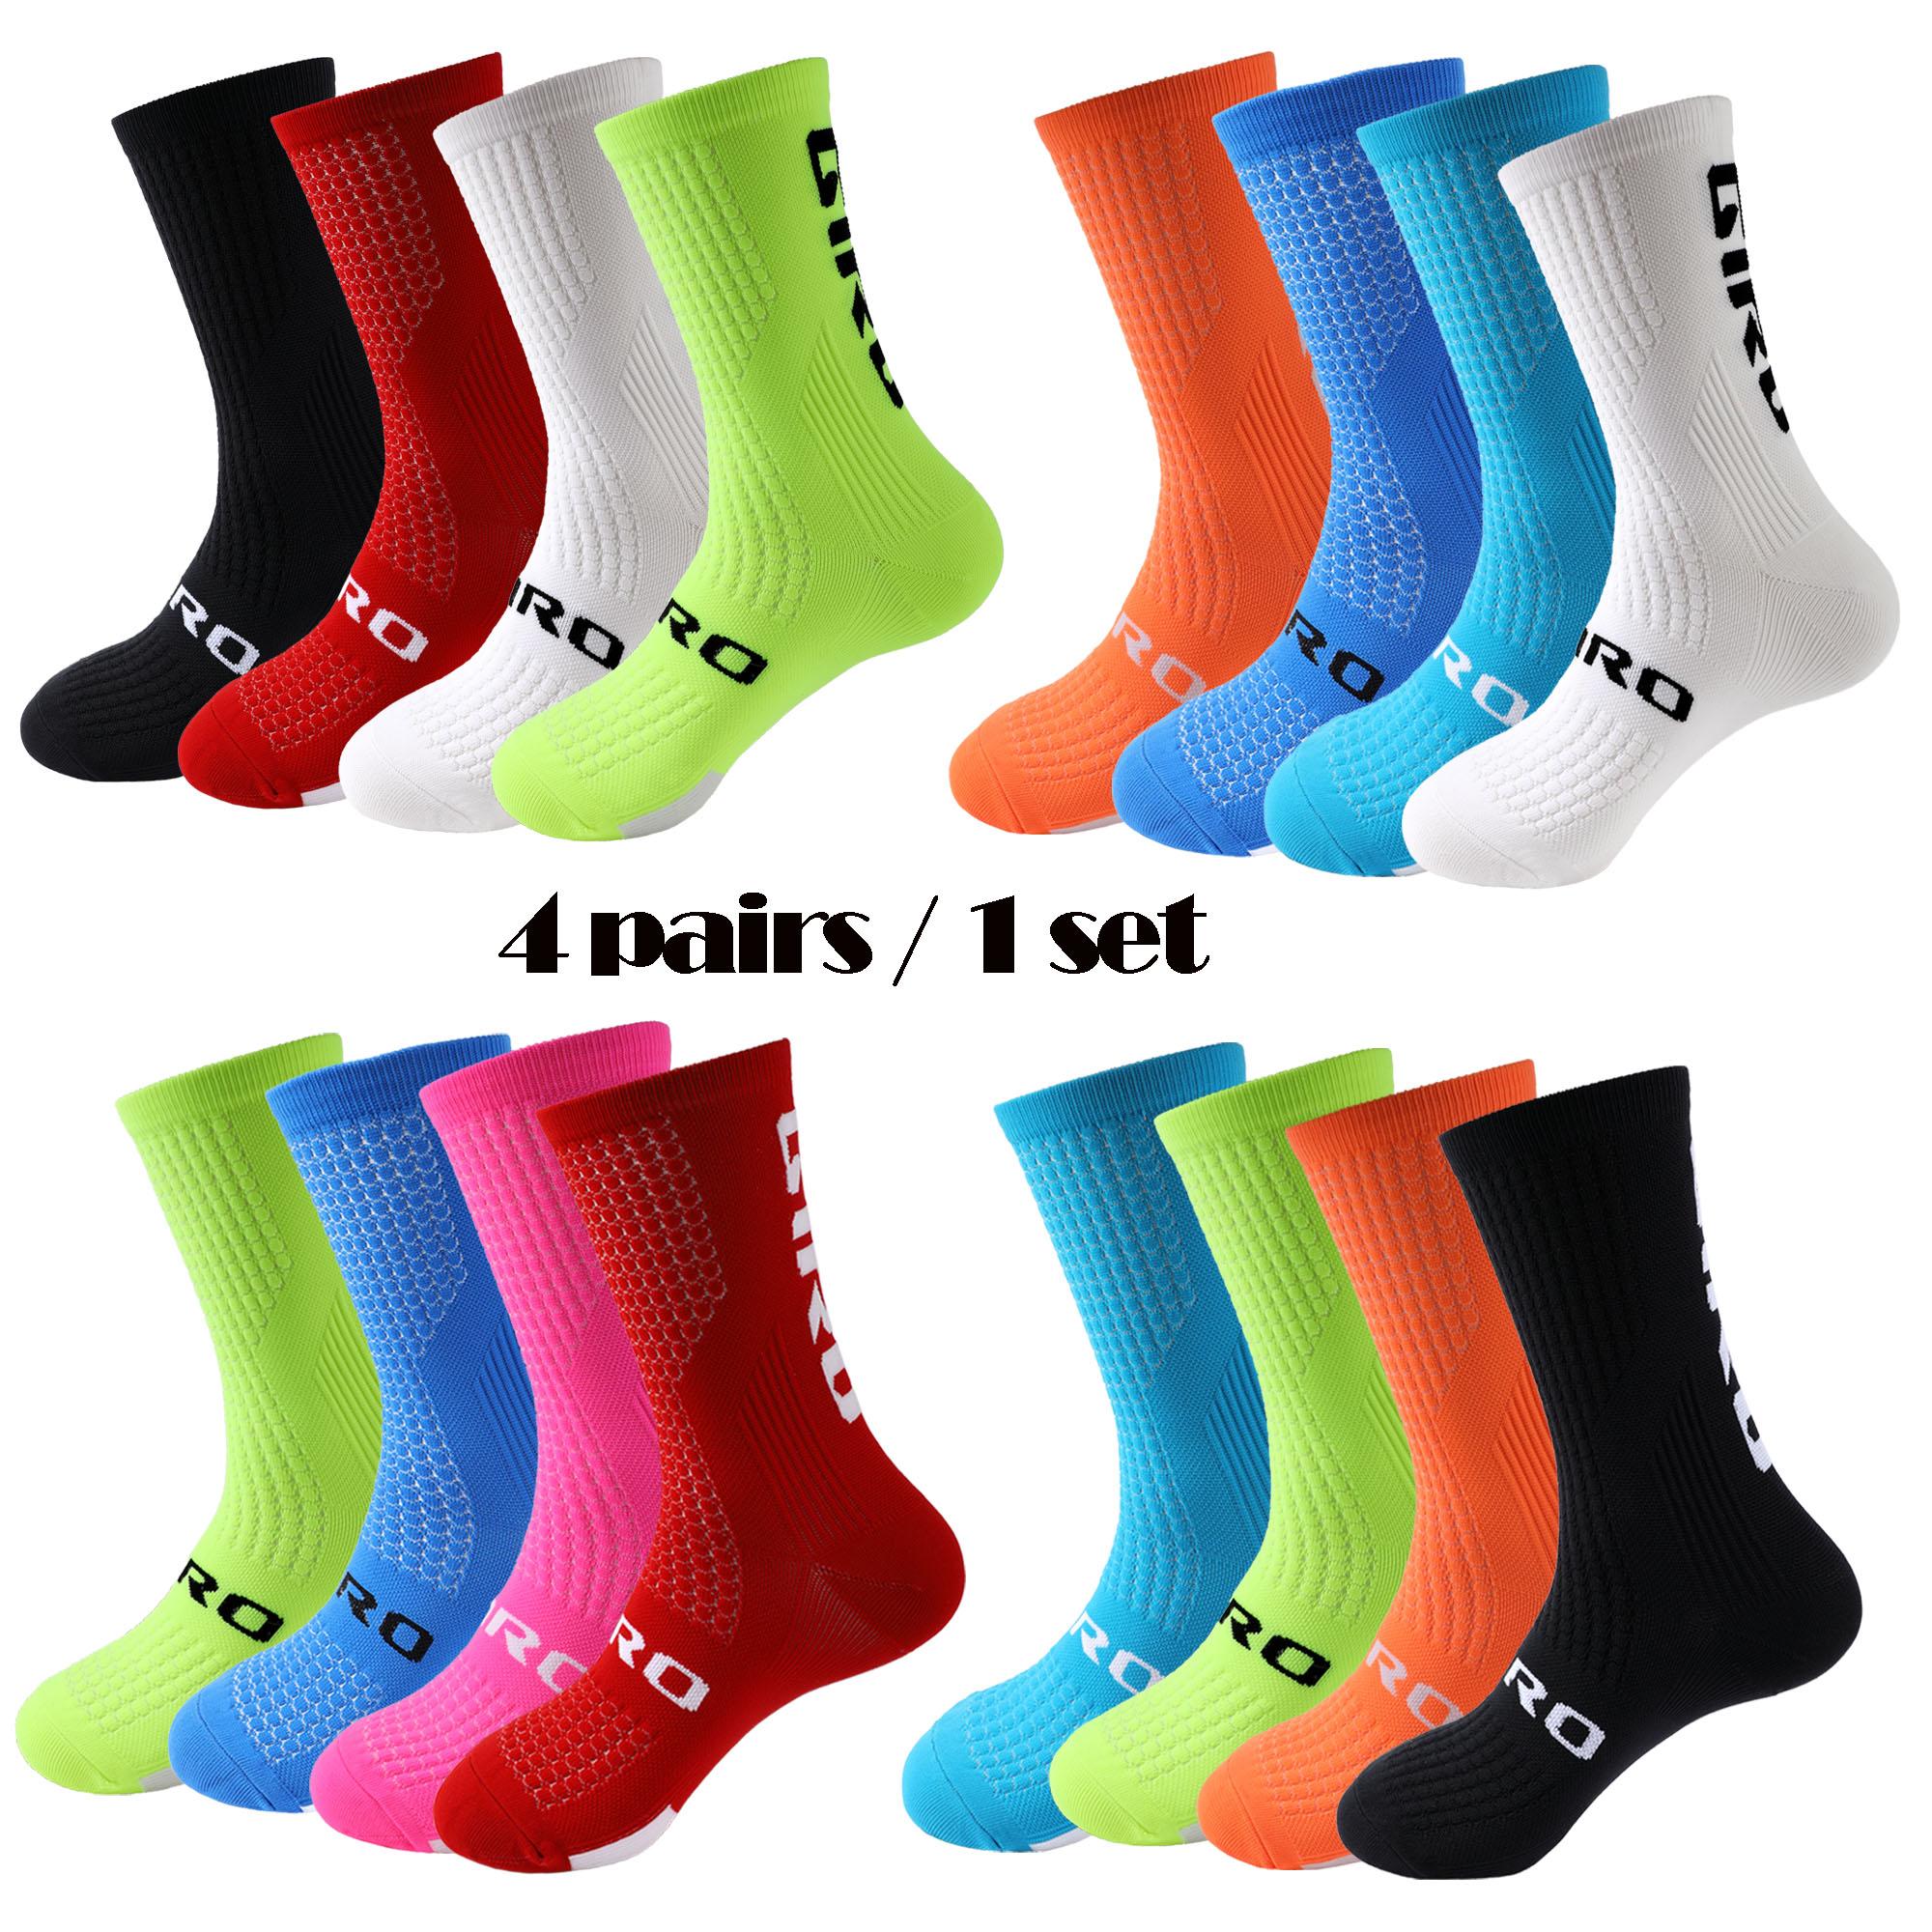 4 пар/компл. Велосипеды Носки мужские Носки сжатия Носки спортивные носки Носки Бег Носки Баскетбол Носки для женщин